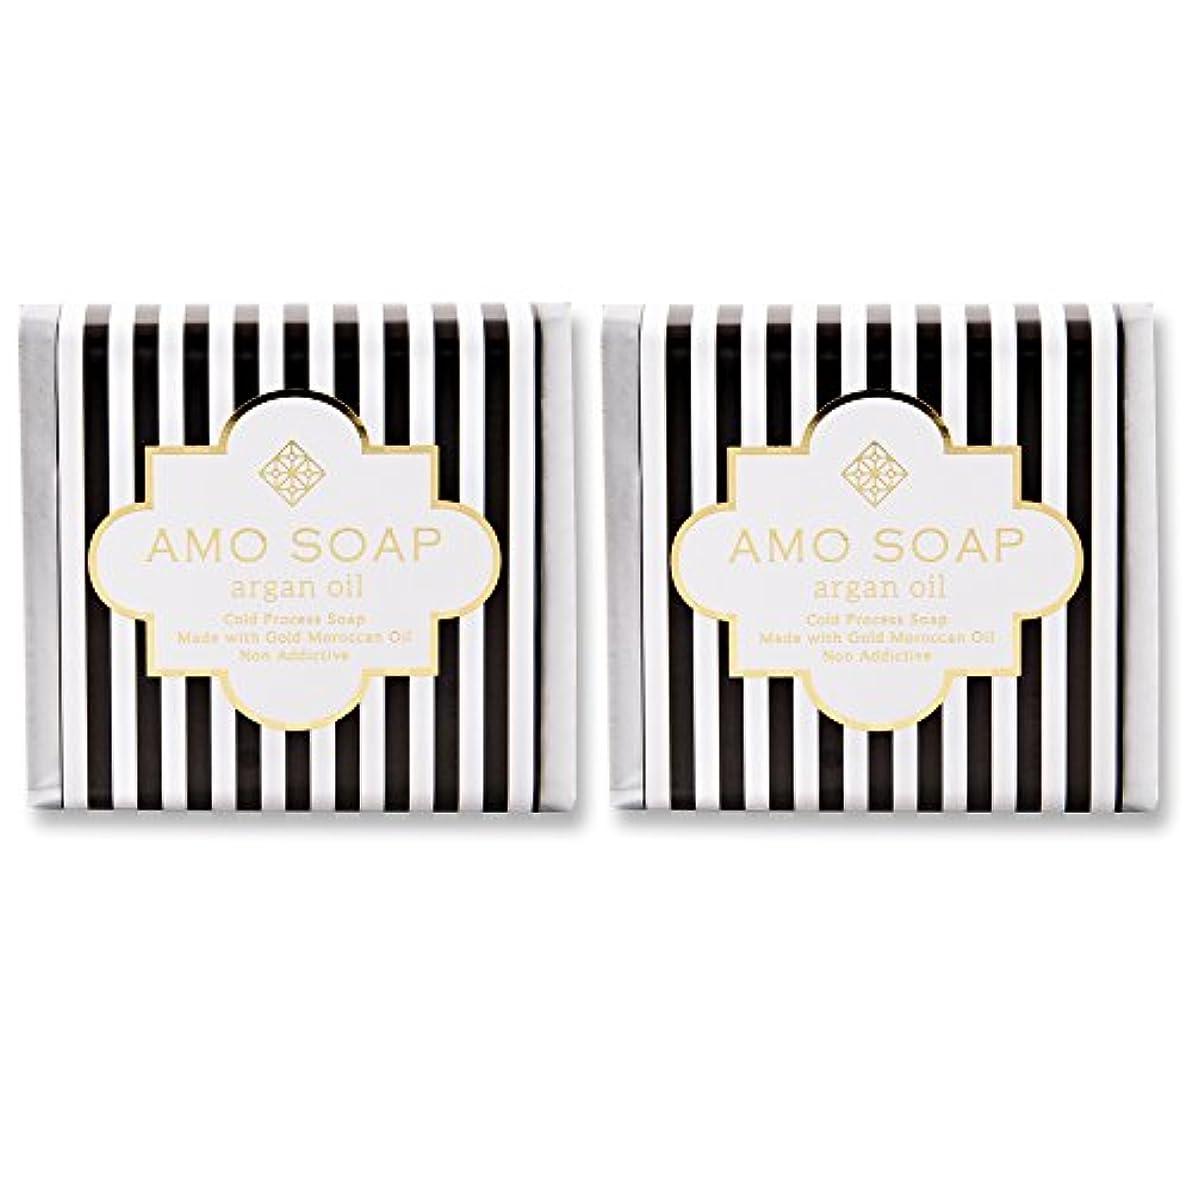 冊子遺棄された大臣AMO SOAP(アモソープ) 洗顔せっけんアルガンオイル配合 2個 コールドプロセス製法 日本製 エイジングケア オリーブオイル シアバター